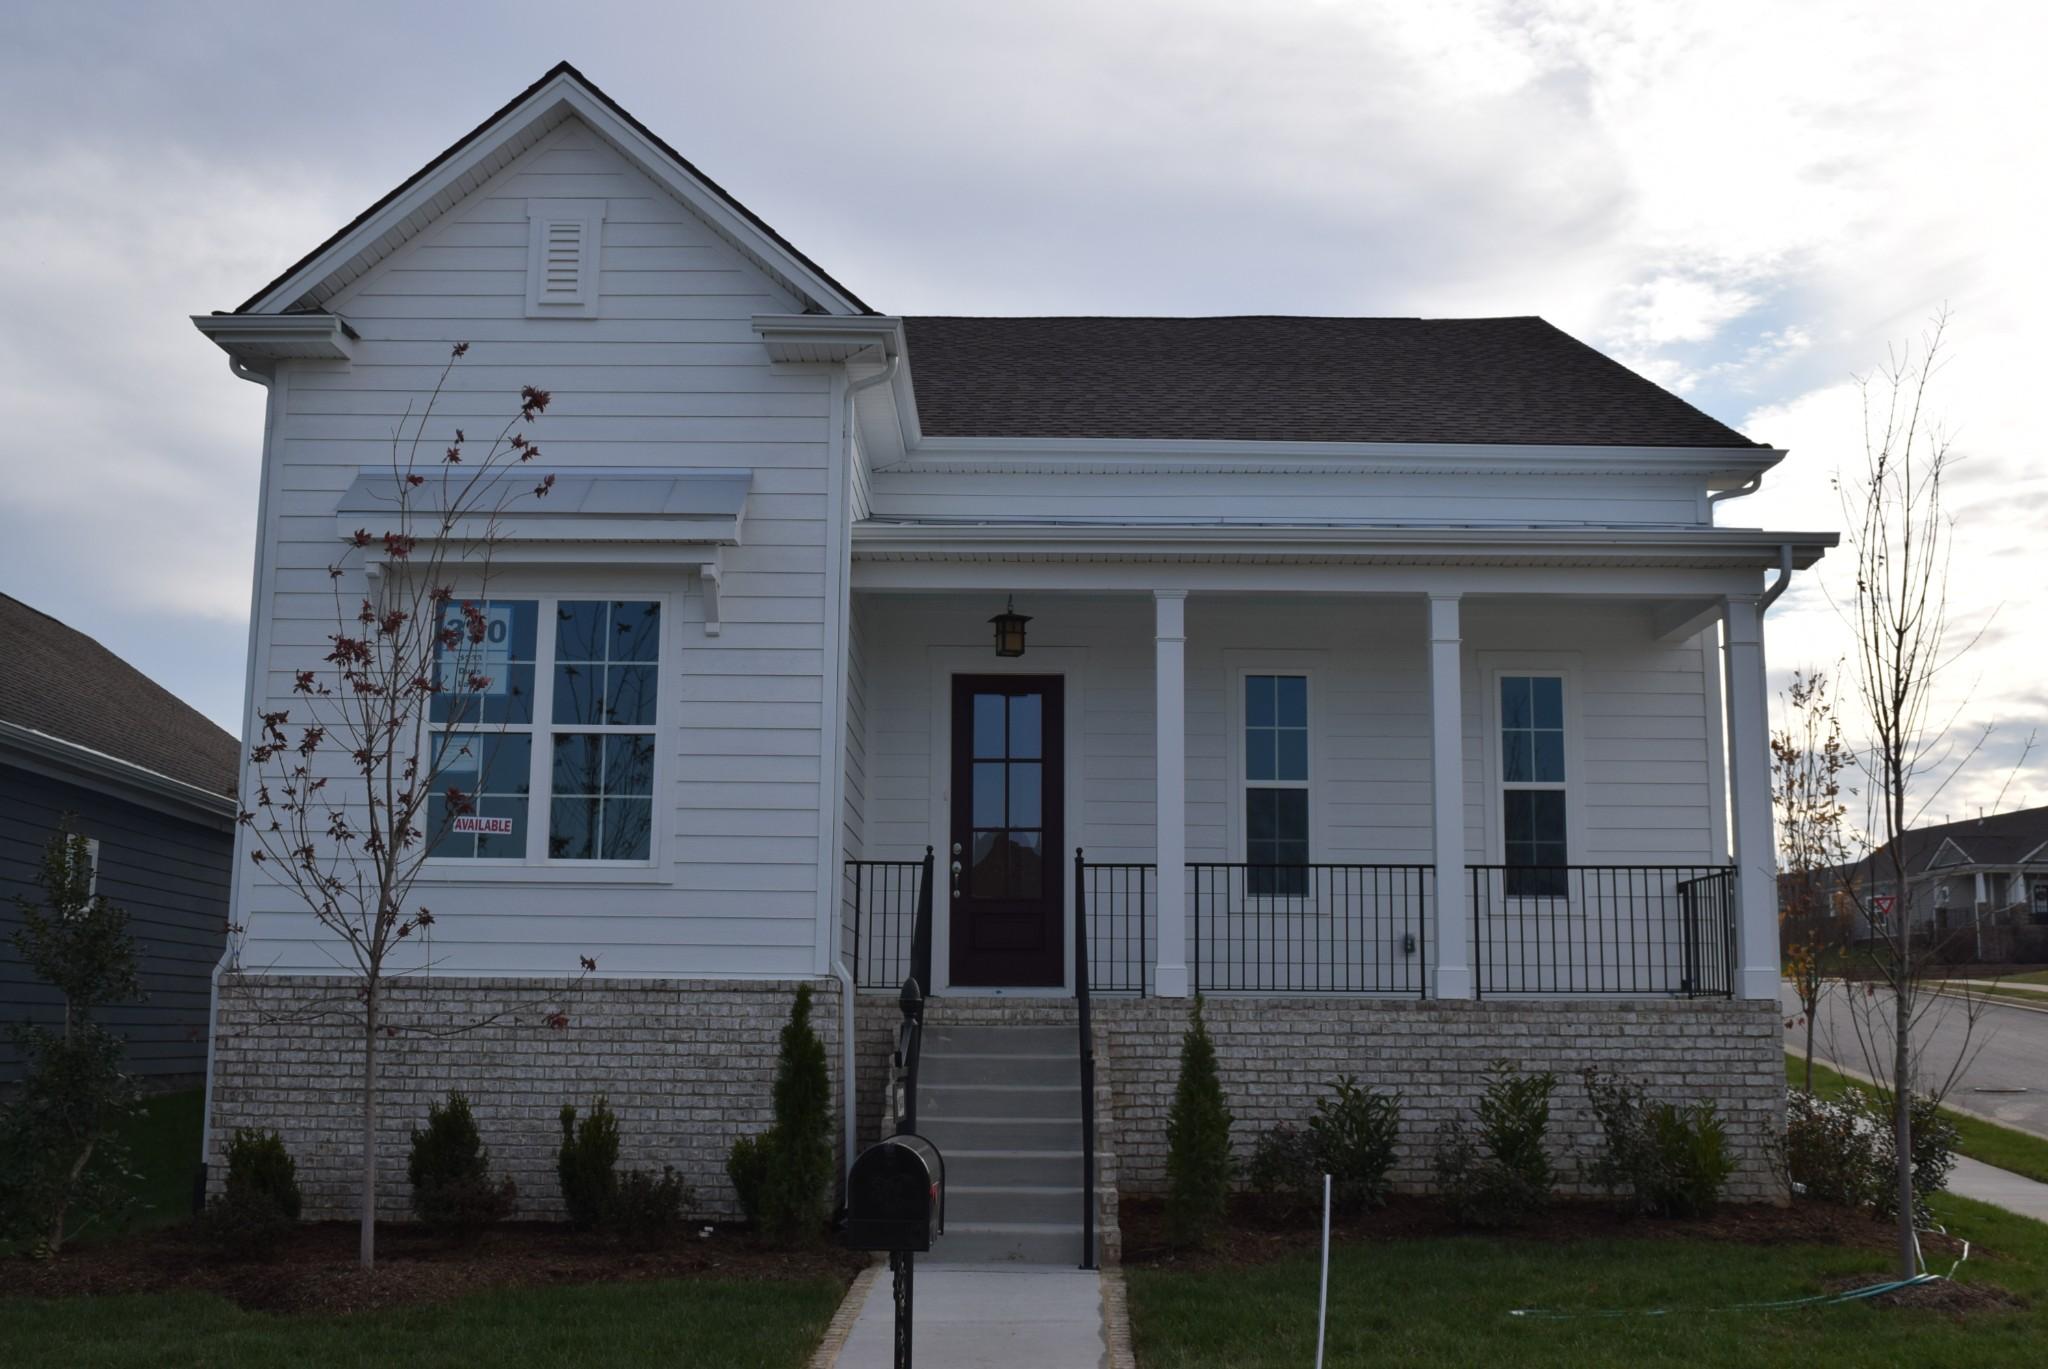 1233 Duns Lane #330, Nolensville, TN 37135 - Nolensville, TN real estate listing